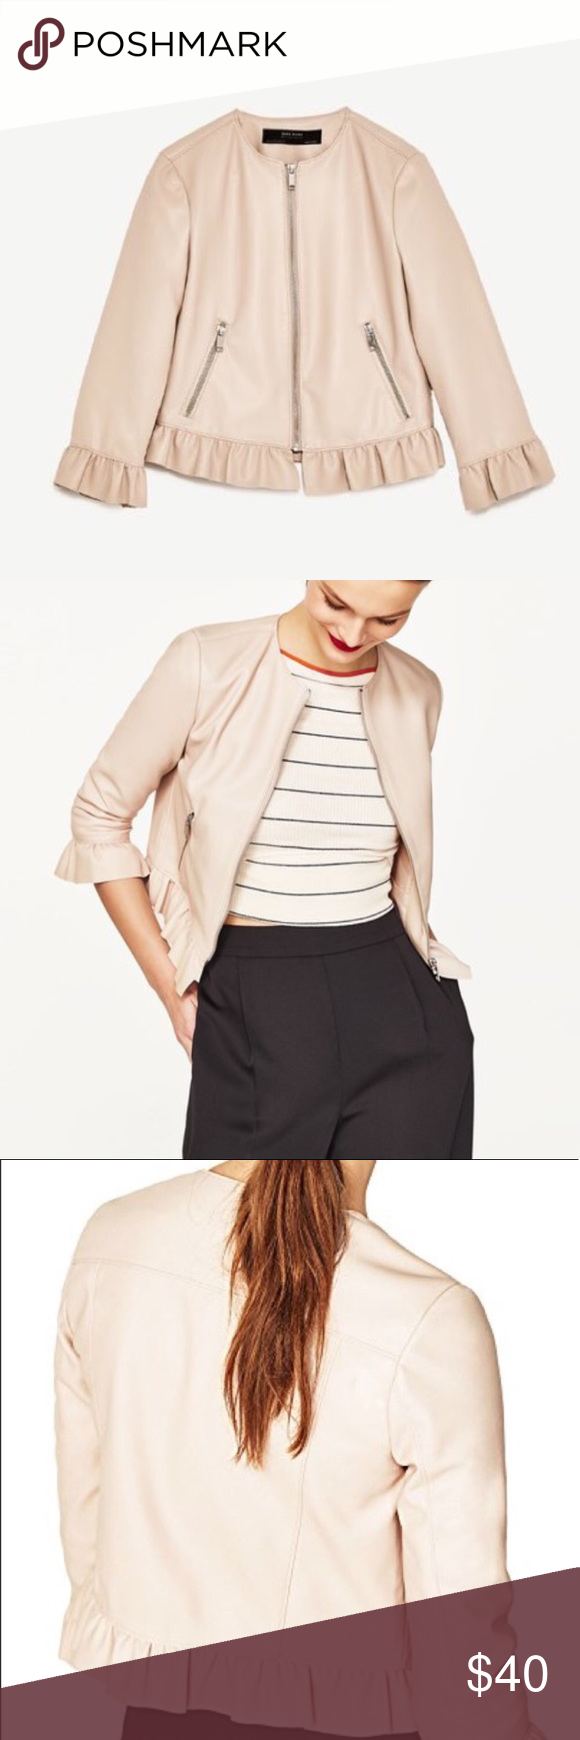 Zara blush pink faux leather ruffle jacket Zara blush pink